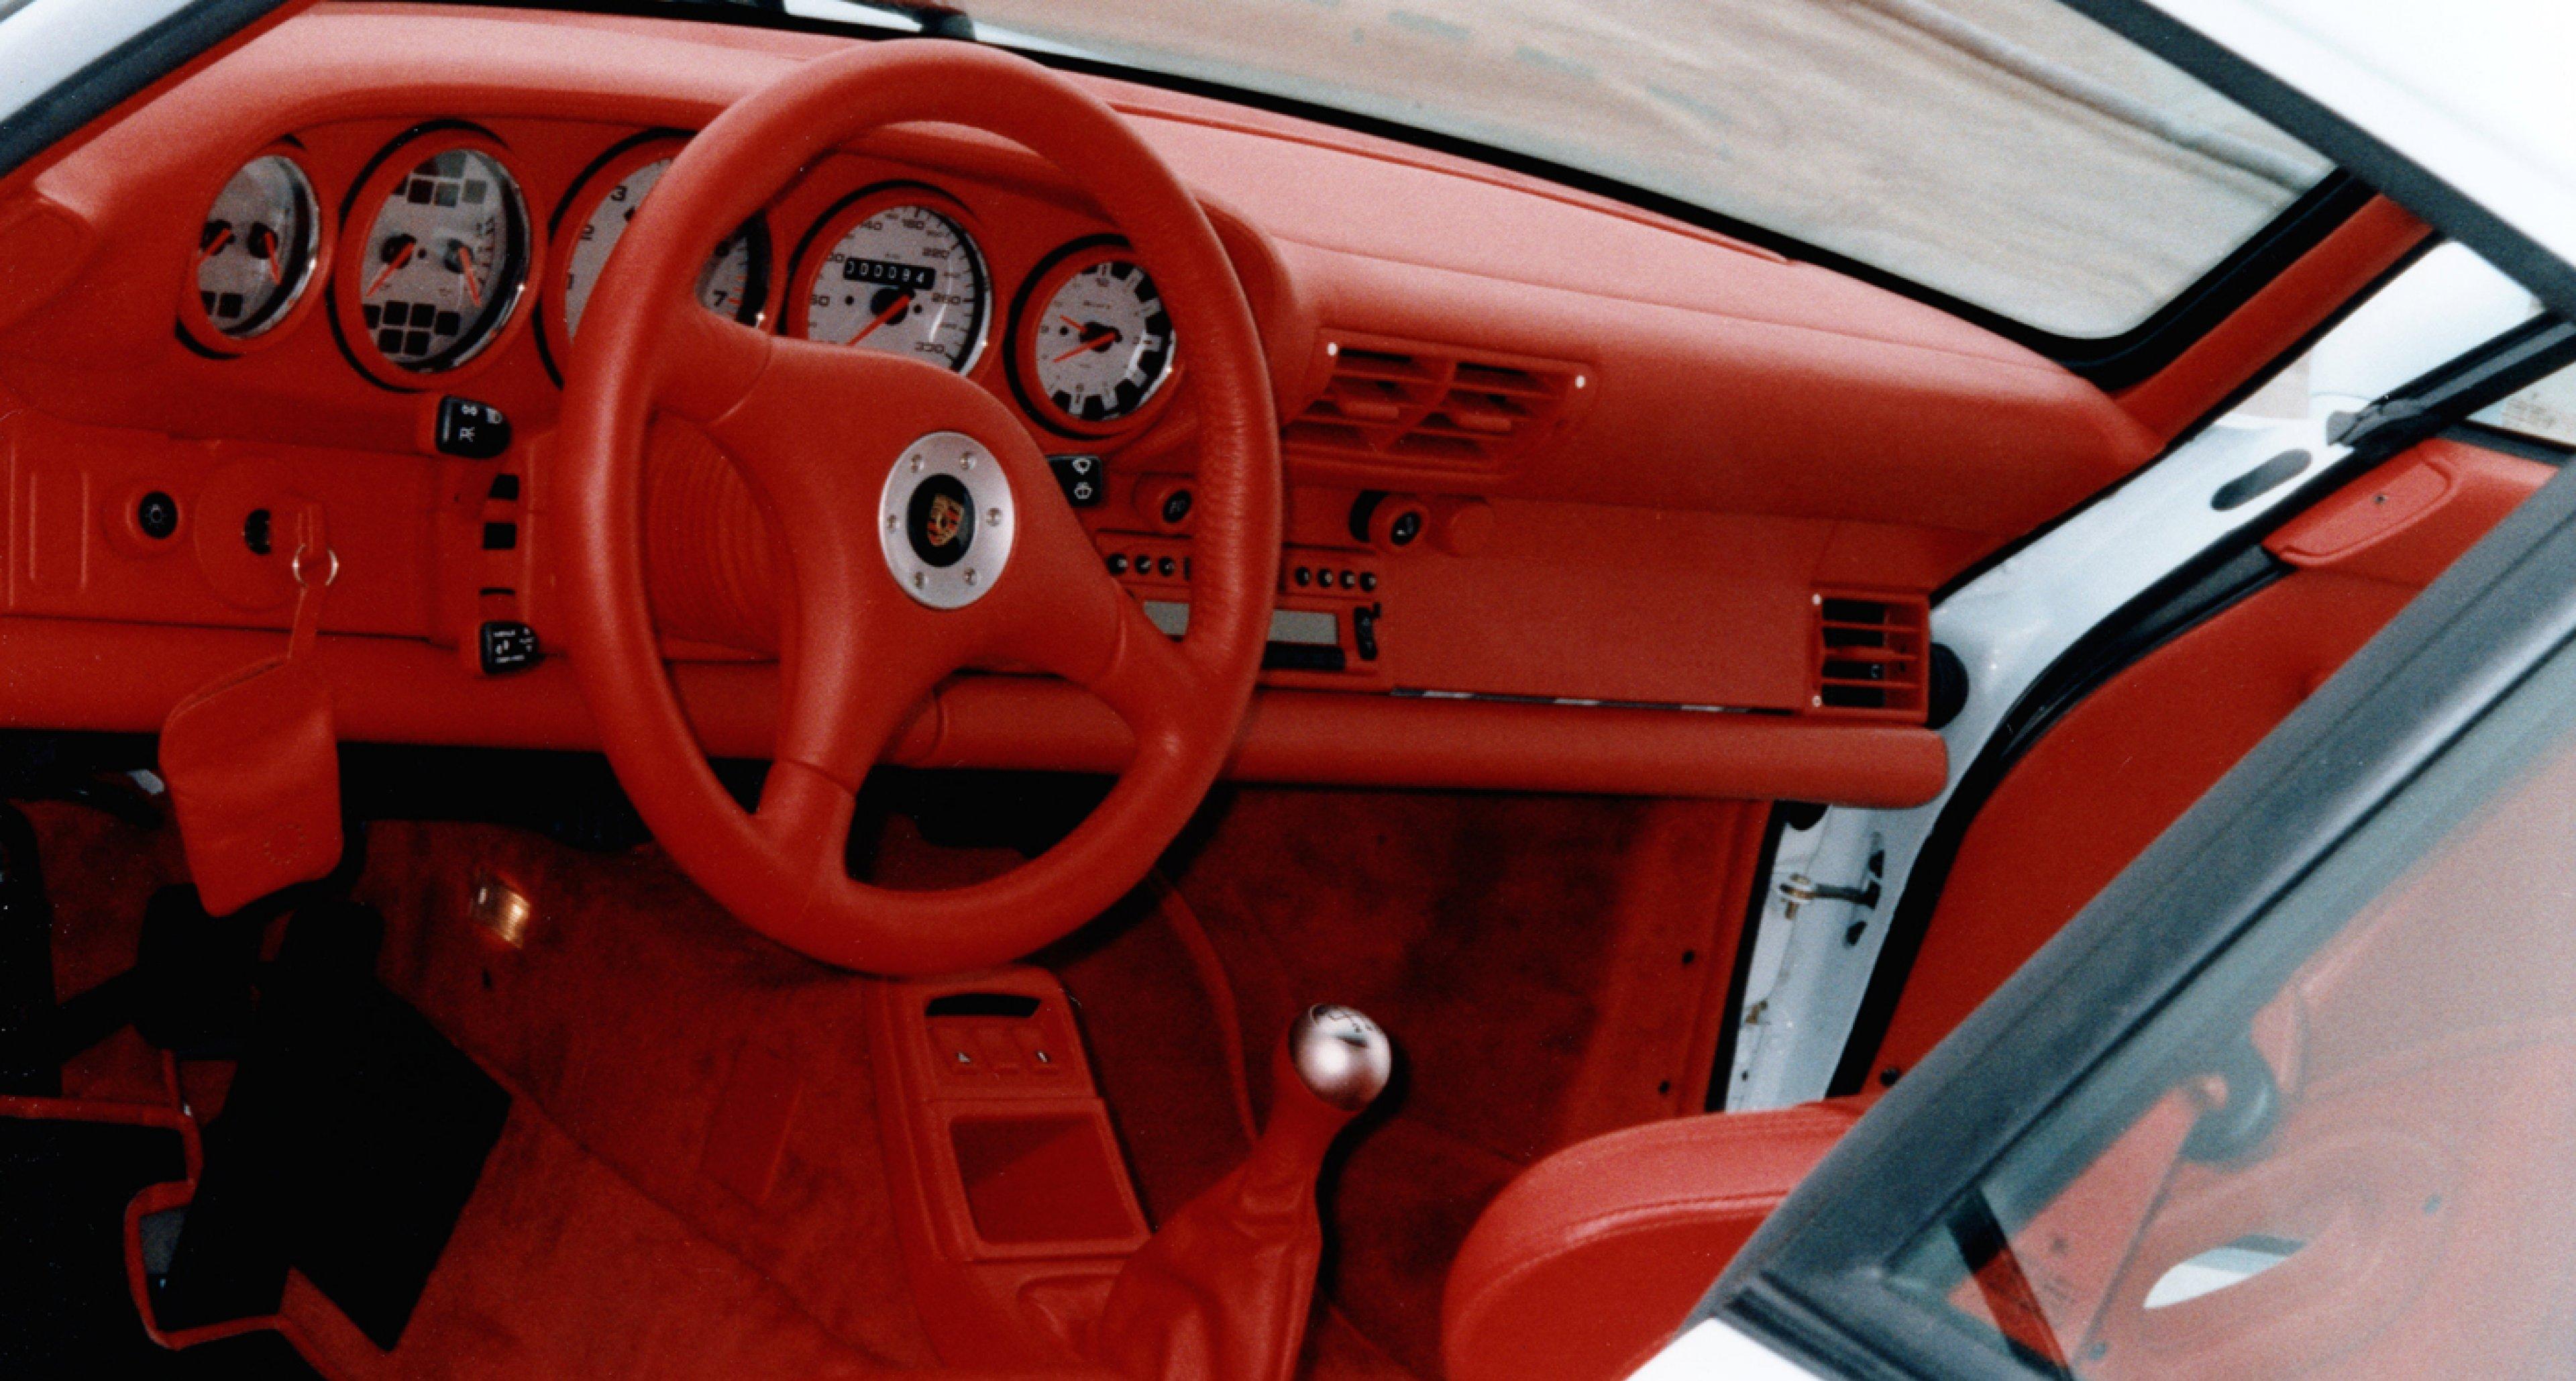 A 1996 Porsche 911 GT2 street version.